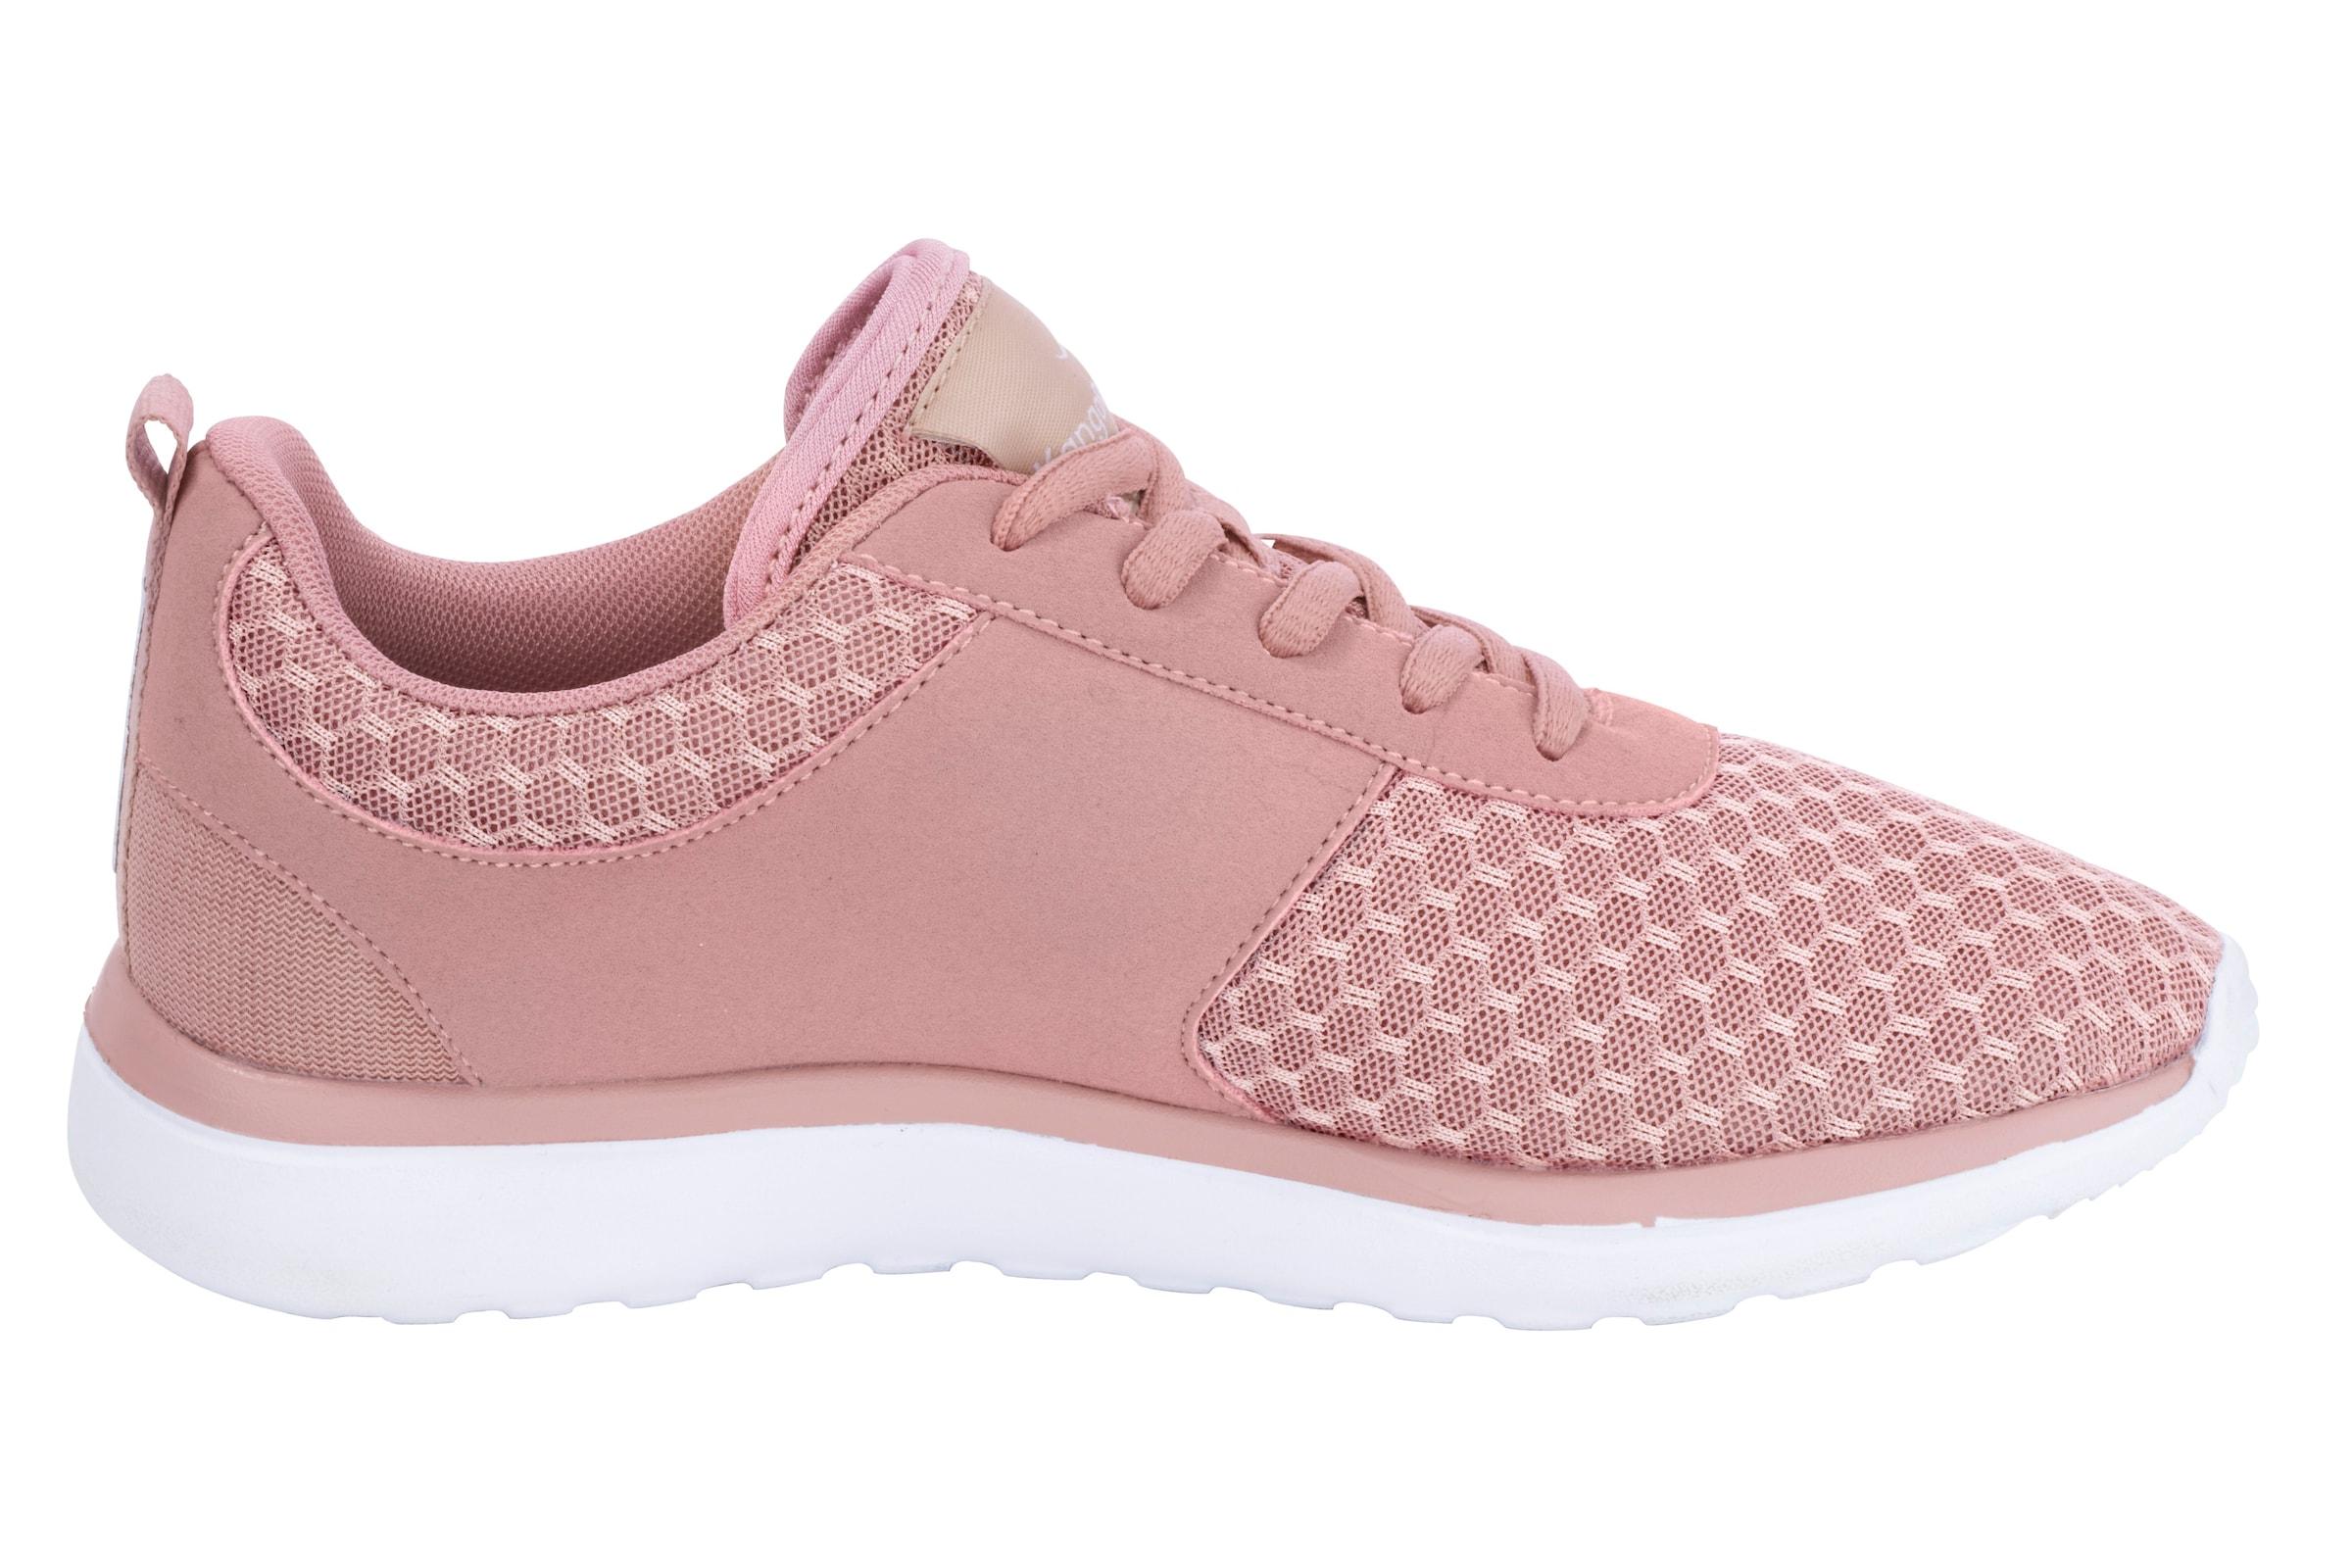 Auslauf KangaROOS Sneaker von KANGAROOS Spielraum Erhalten Authentisch Marktfähig Zu Verkaufen Drop-Shipping Verkauf 2018 Neueste yaM5u